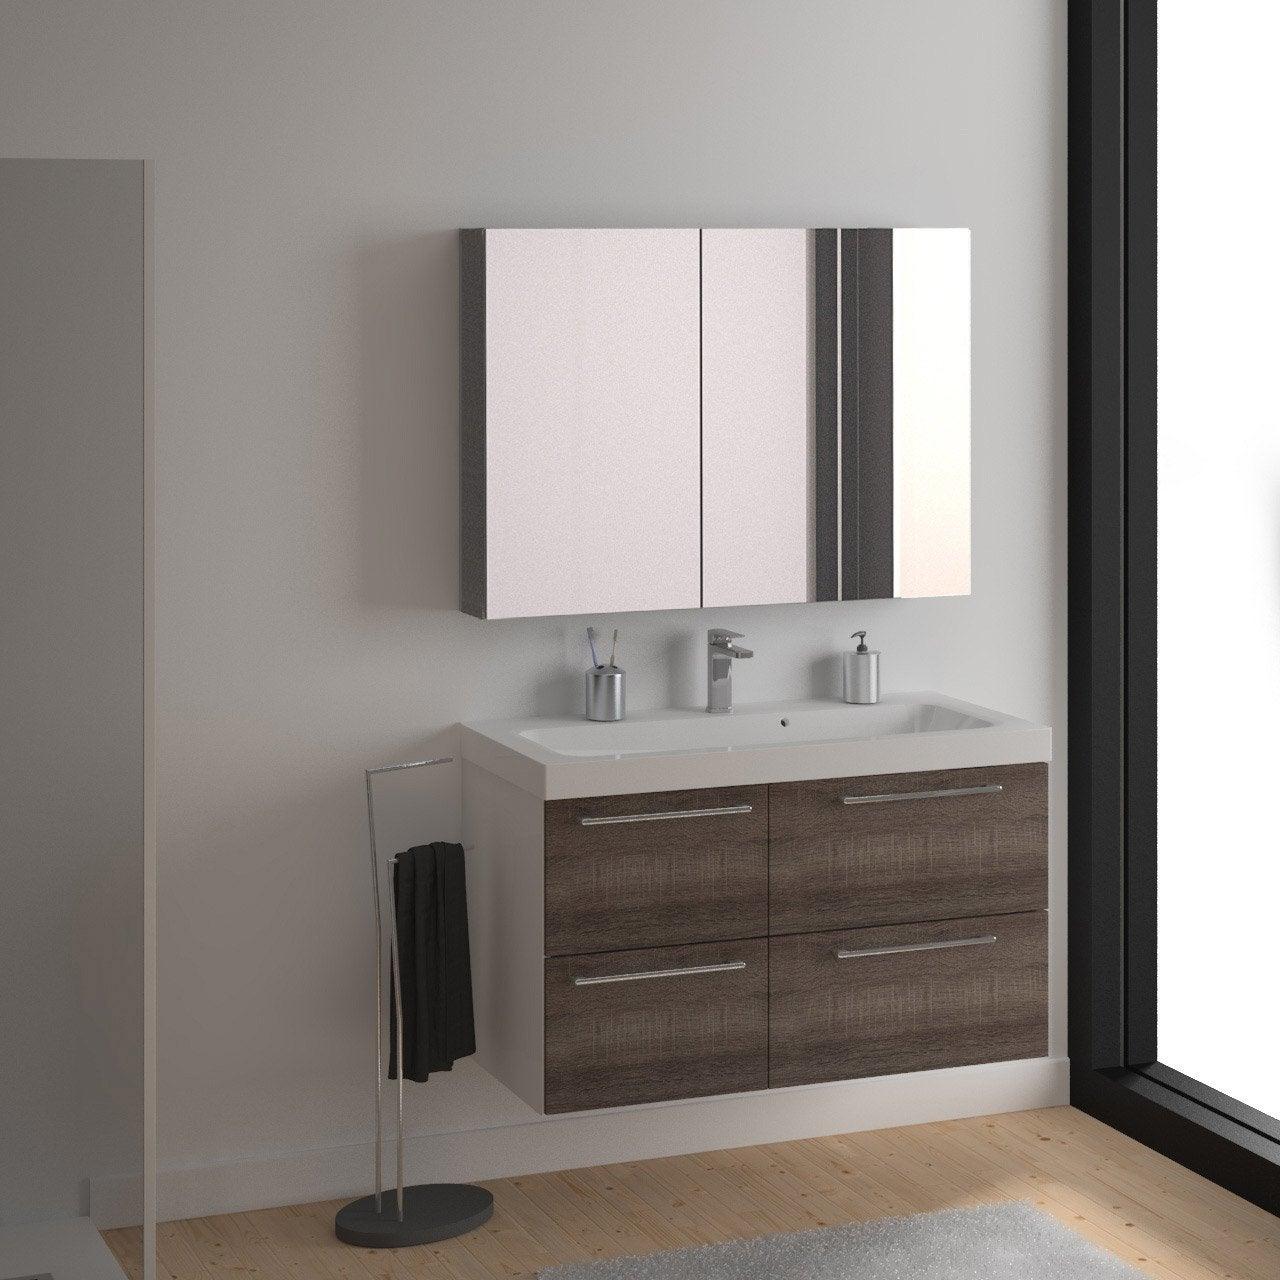 hauteur meuble salle de bain remix